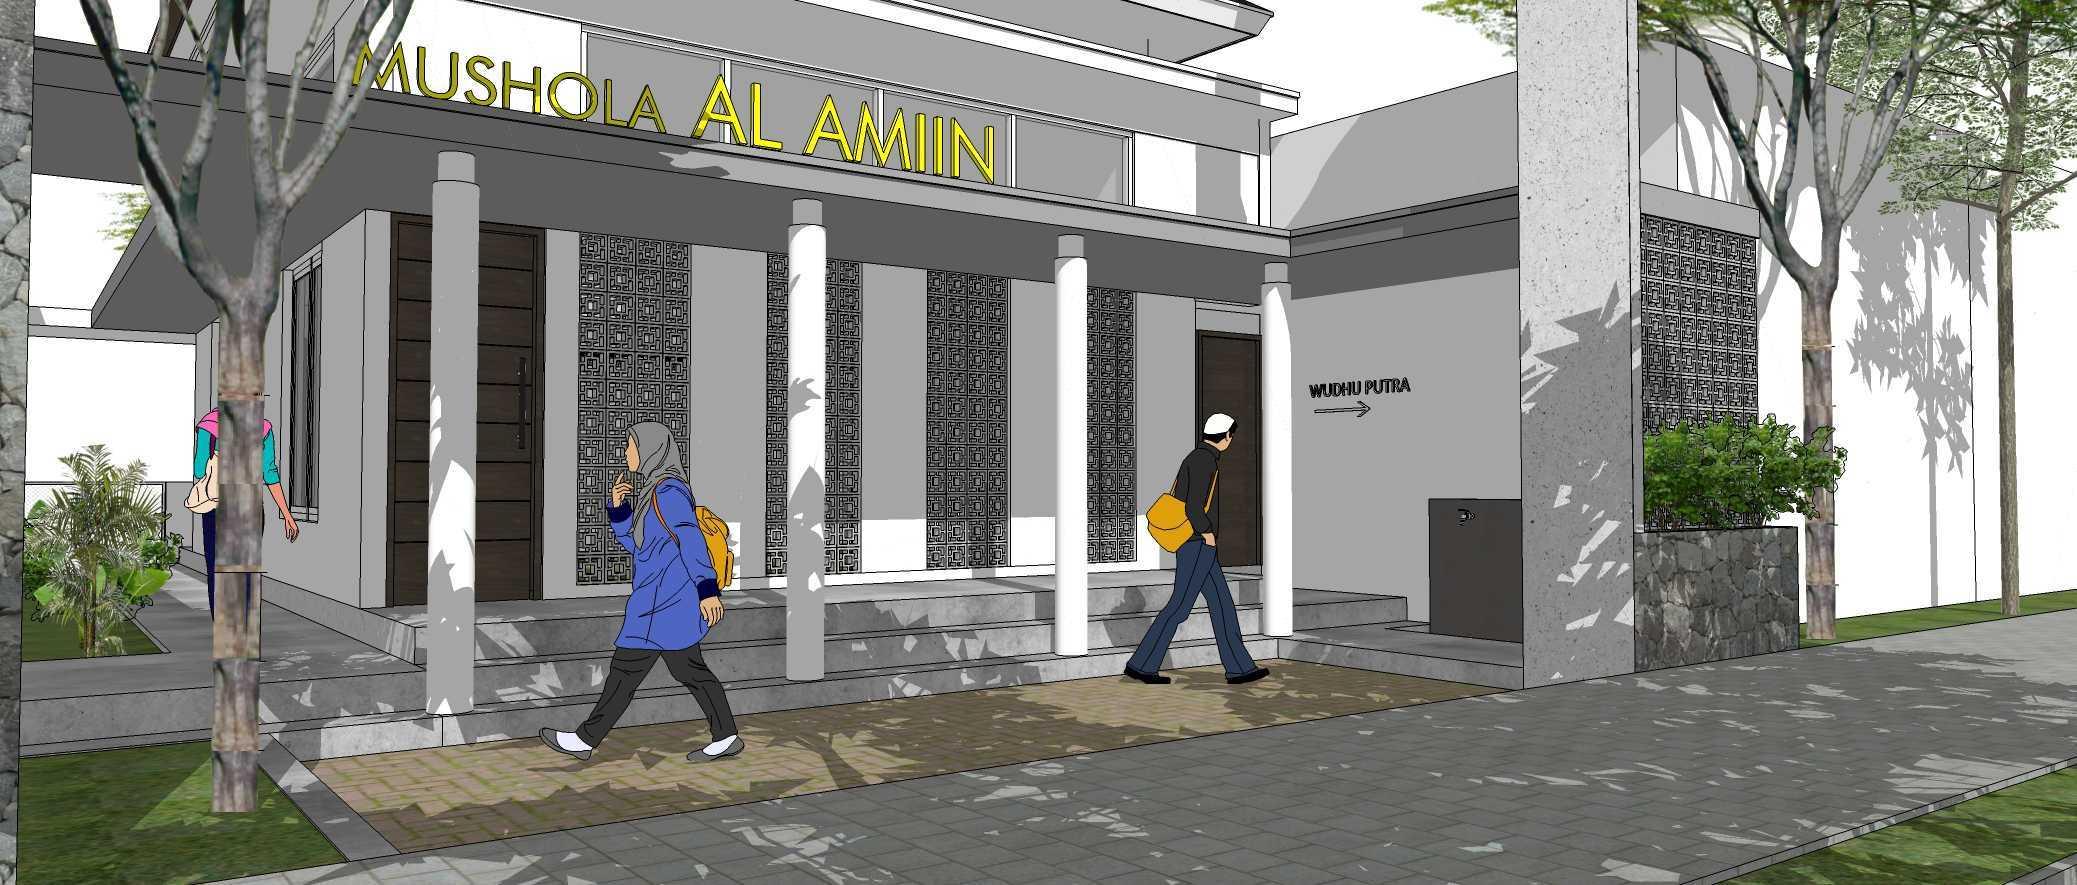 Gradasi Musholla Al Amiin Kabupaten Jombang, Jawa Timur, Indonesia Kabupaten Jombang, Jawa Timur, Indonesia Gradasi7-Musholla-Al-Amiin  89112